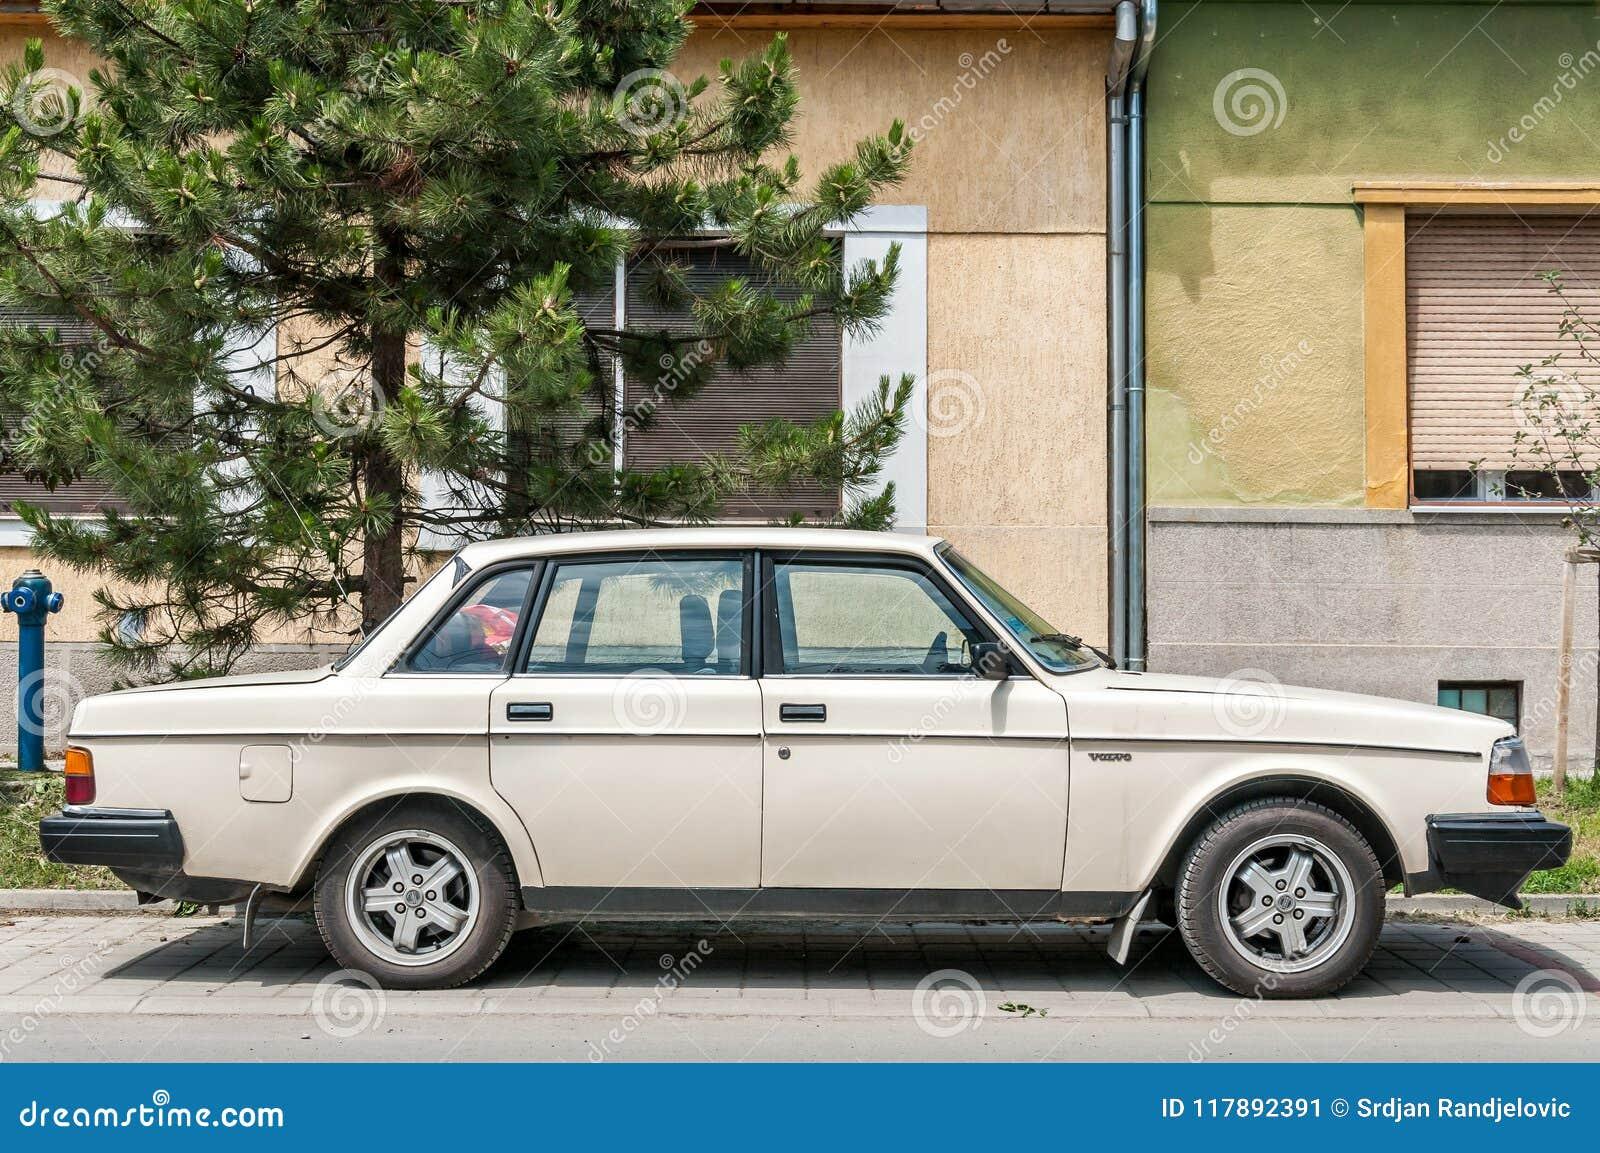 Vit Volvo 240 Bilmodell Som Parkeras Pa Bilen For Gammal Tidmatare For Gata Den Klassiska Redaktionell Bild Bild Av Kunna Modell 117892391